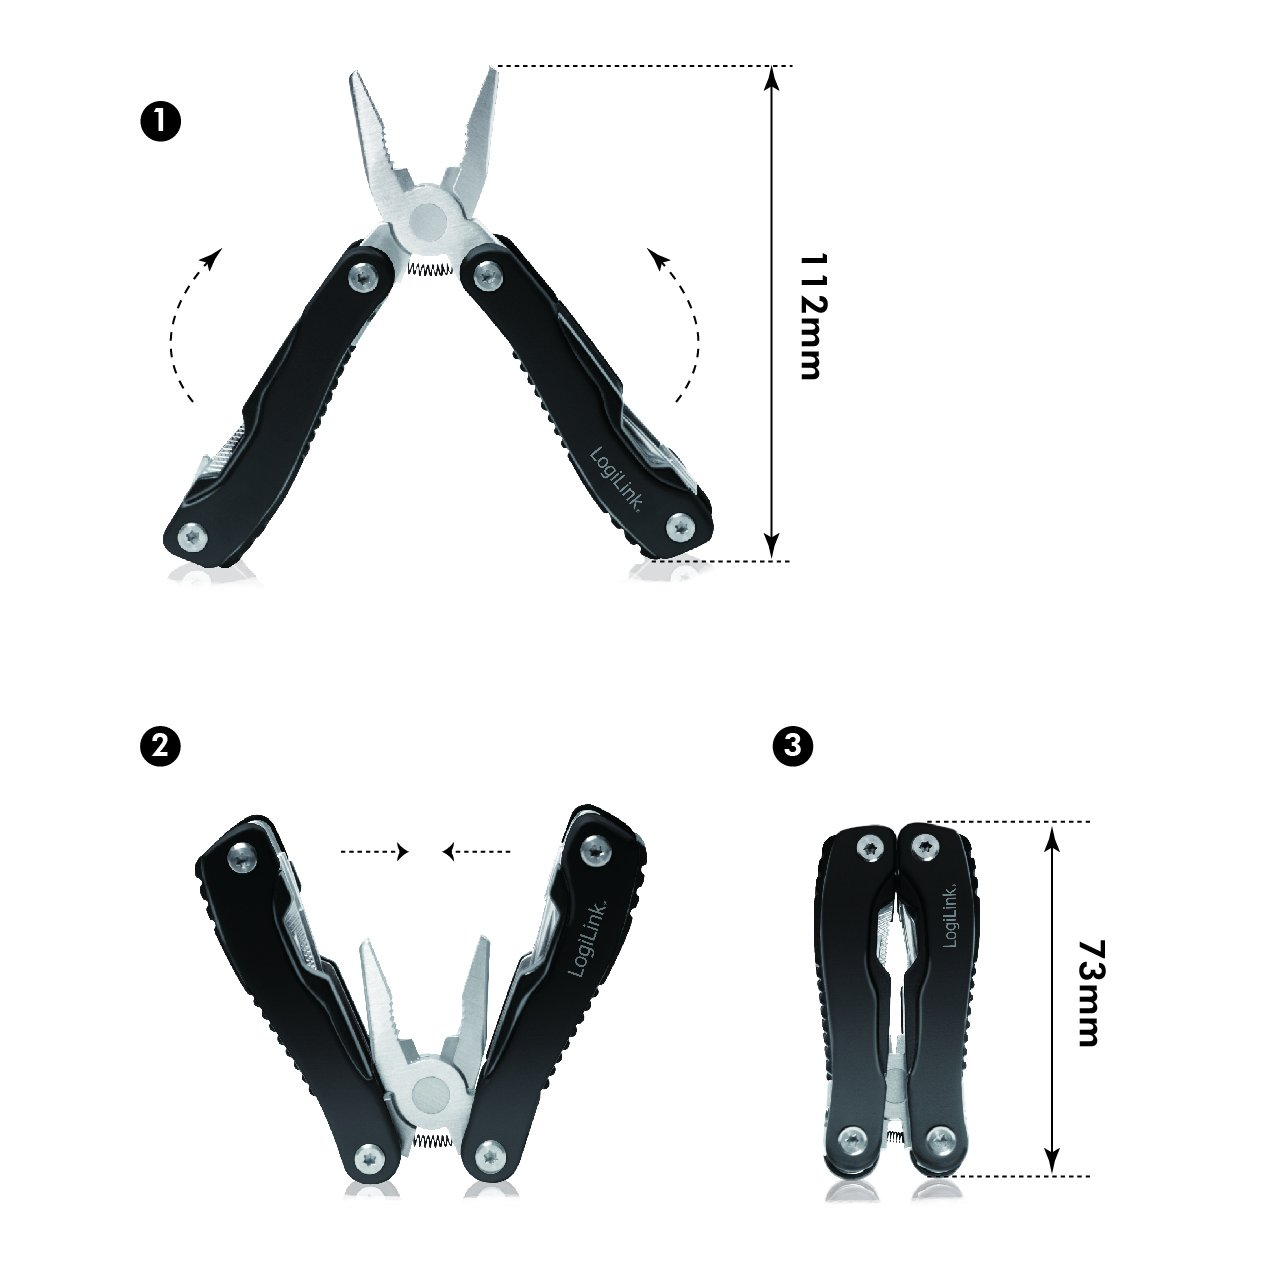 multifunktionales /Überlebenswerkzeug- Zange im Taschenformat Ideal bei Autofahrten und Outdoor-Abenteuern LogiLink WZ0044 11 in 1 Multitool Schwarz//Silber